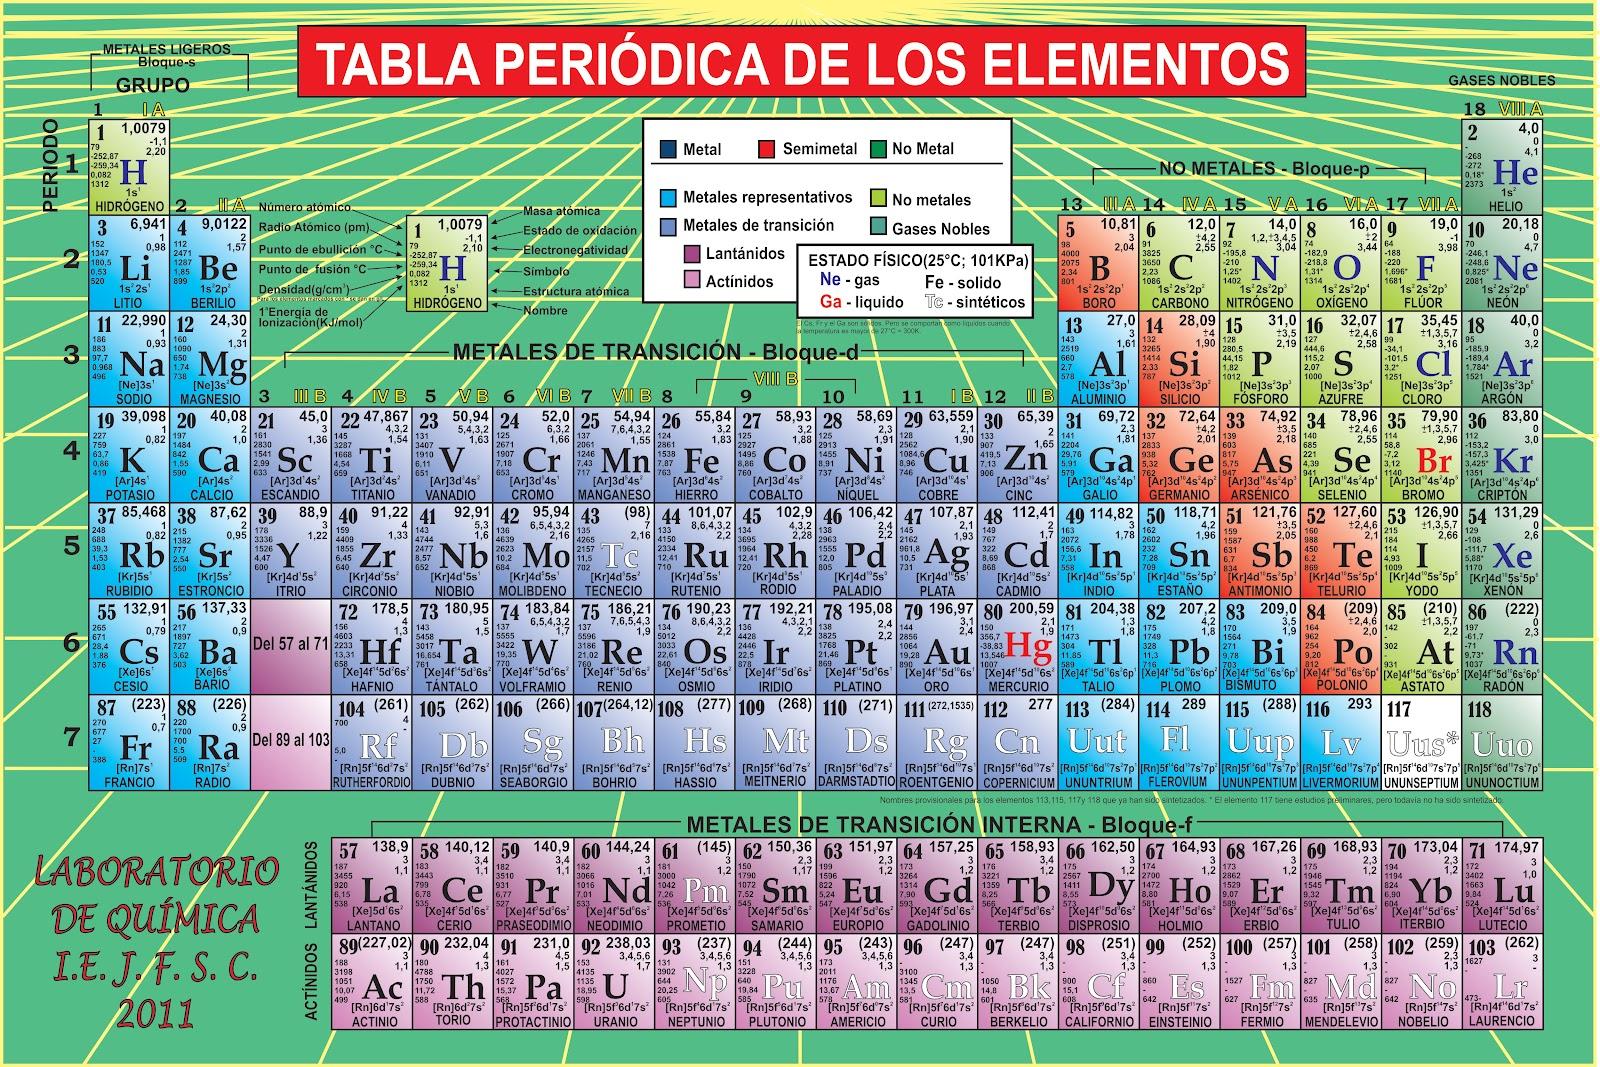 Estrellas del norte tabla periodica resultado de imagen para tabla periodica actualizada 2013 metales y no metales urtaz Gallery